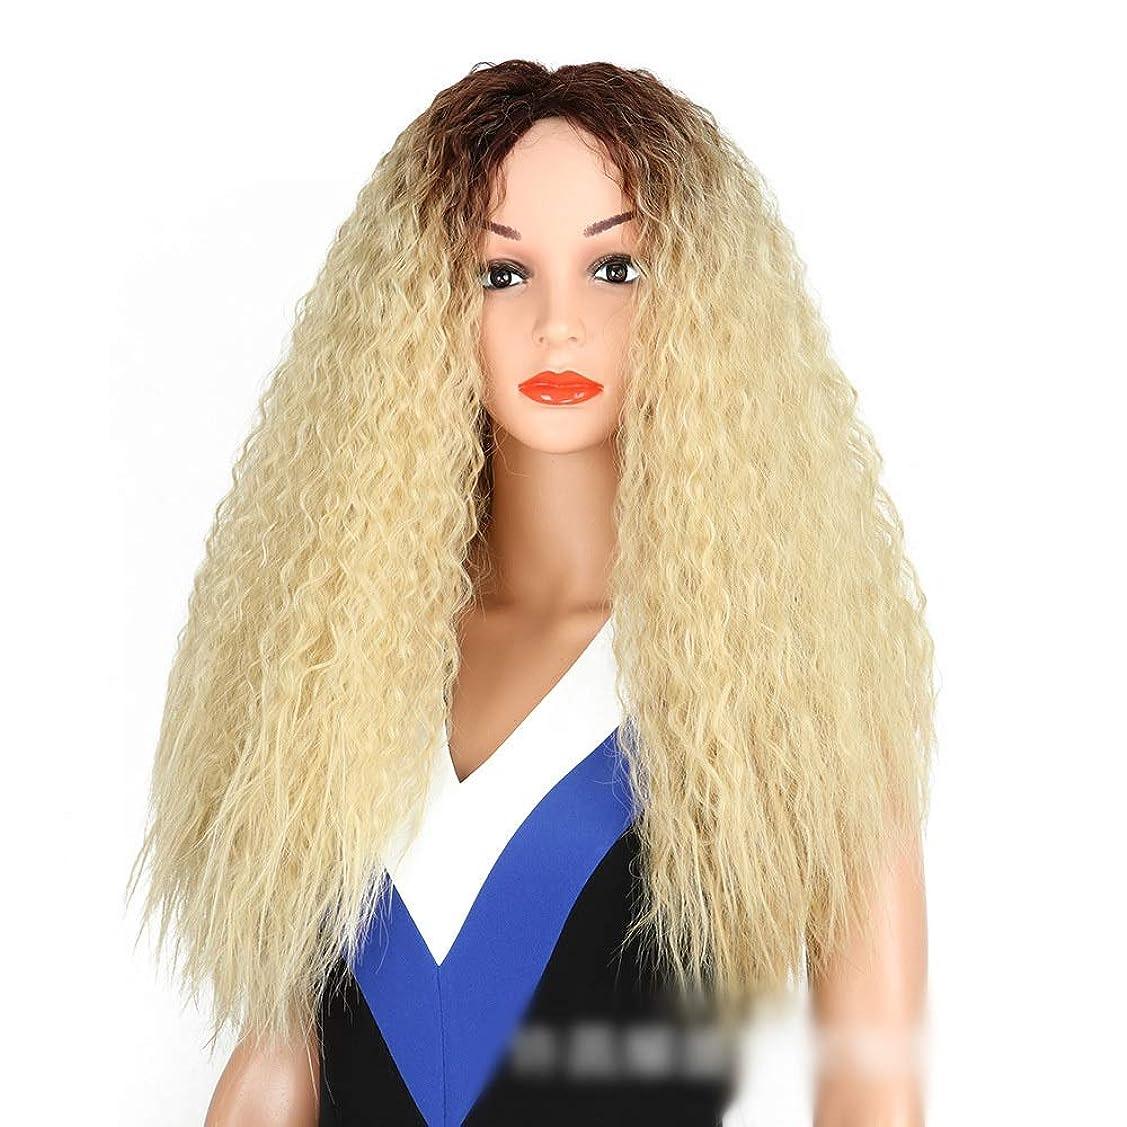 反発するホップそれに応じてBOBIDYEE 女性のブロンドのダークルーツのトウモロコシの熱い髪の爆発ヘッドロングカーリーウィッグ耐熱ファイバーパーティーウィッグ (色 : Blonde)